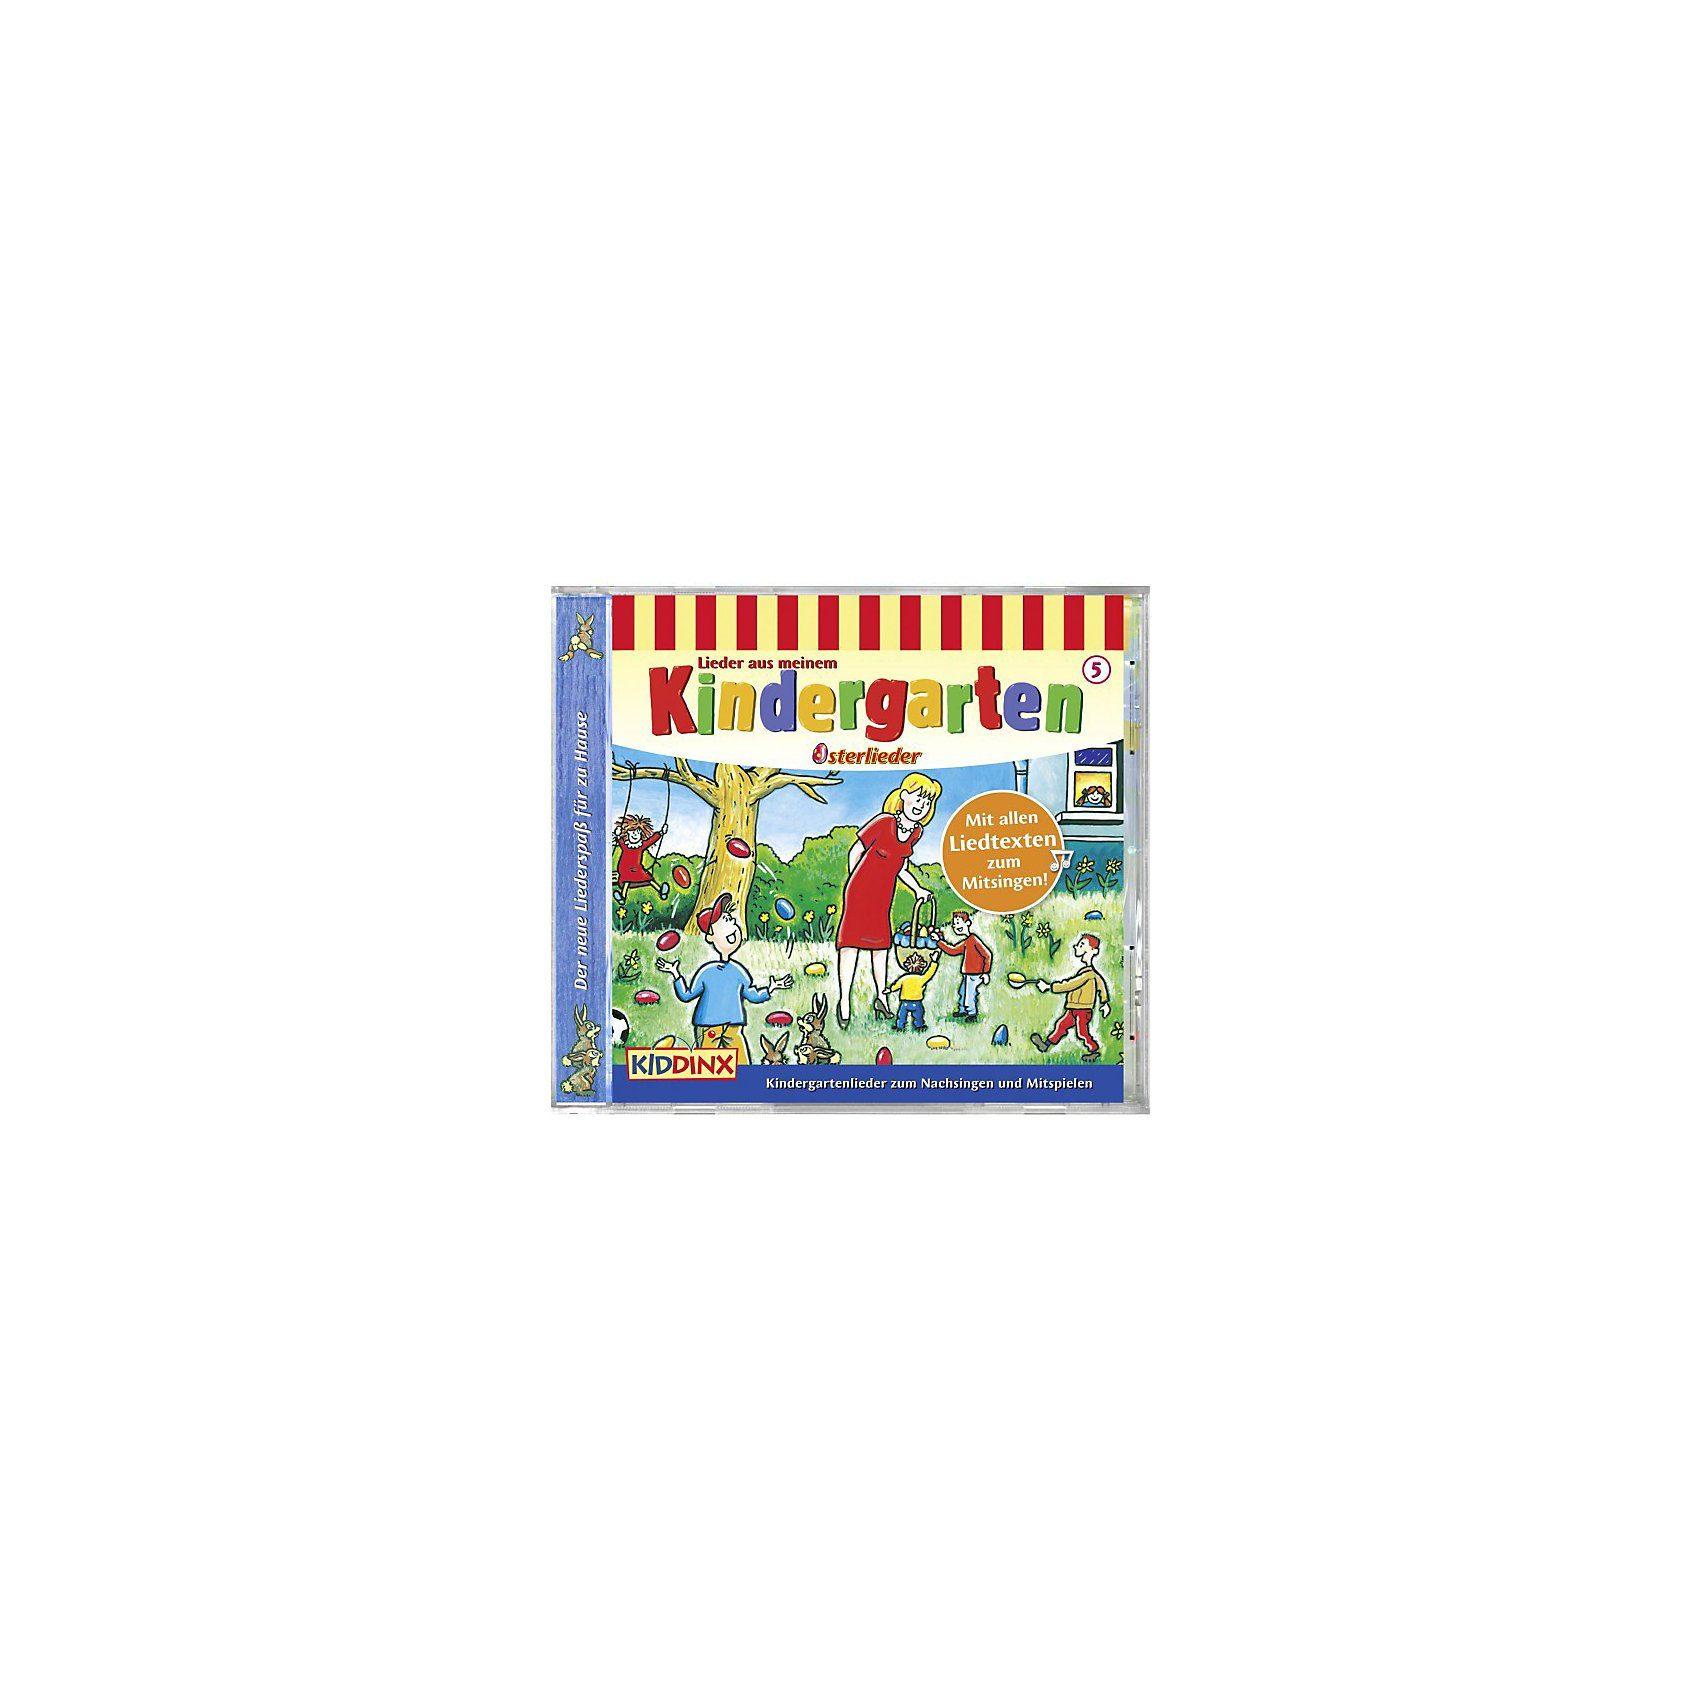 Kiddinx CD Lieder aus meinem Kindergarten Osterlieder